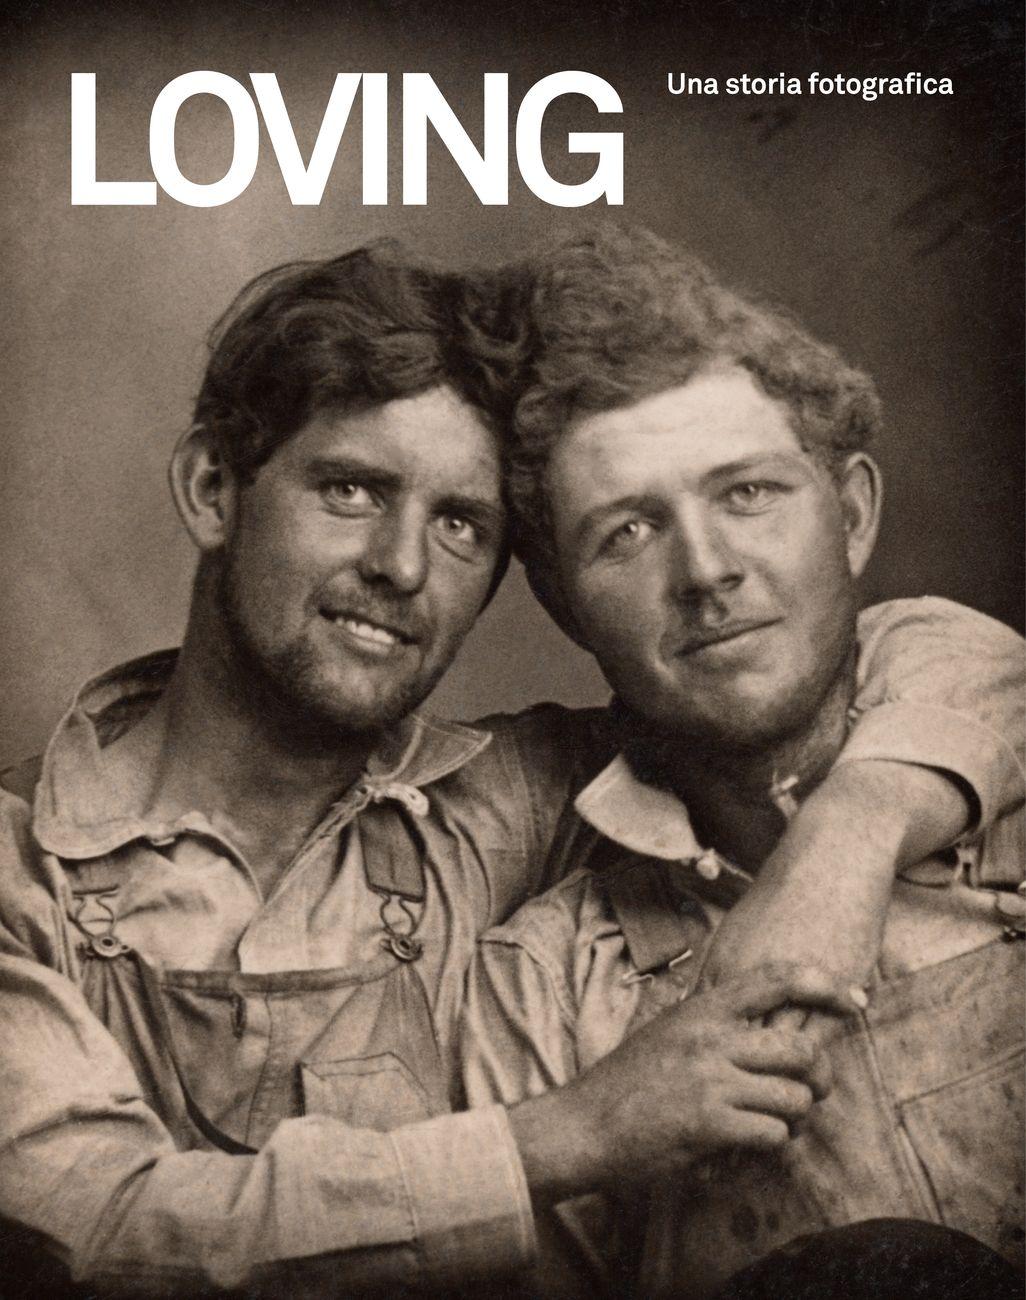 Loving (5 Continents, Milano 2020). Edizione italiana